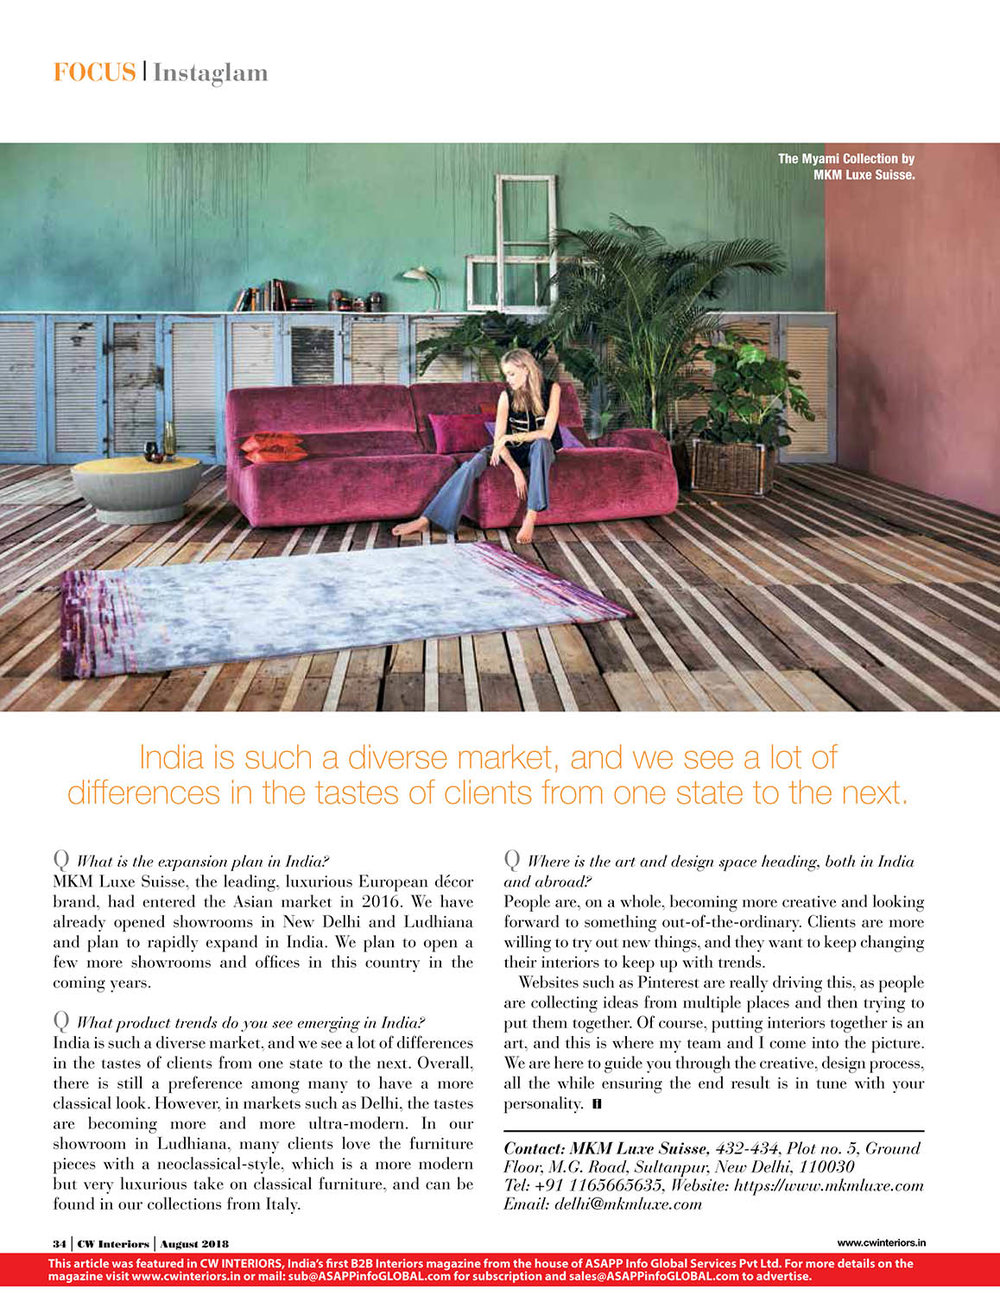 CW Interiors Magazine -MKM Luxe Suisse -Focus-Instaglam-6.jpg